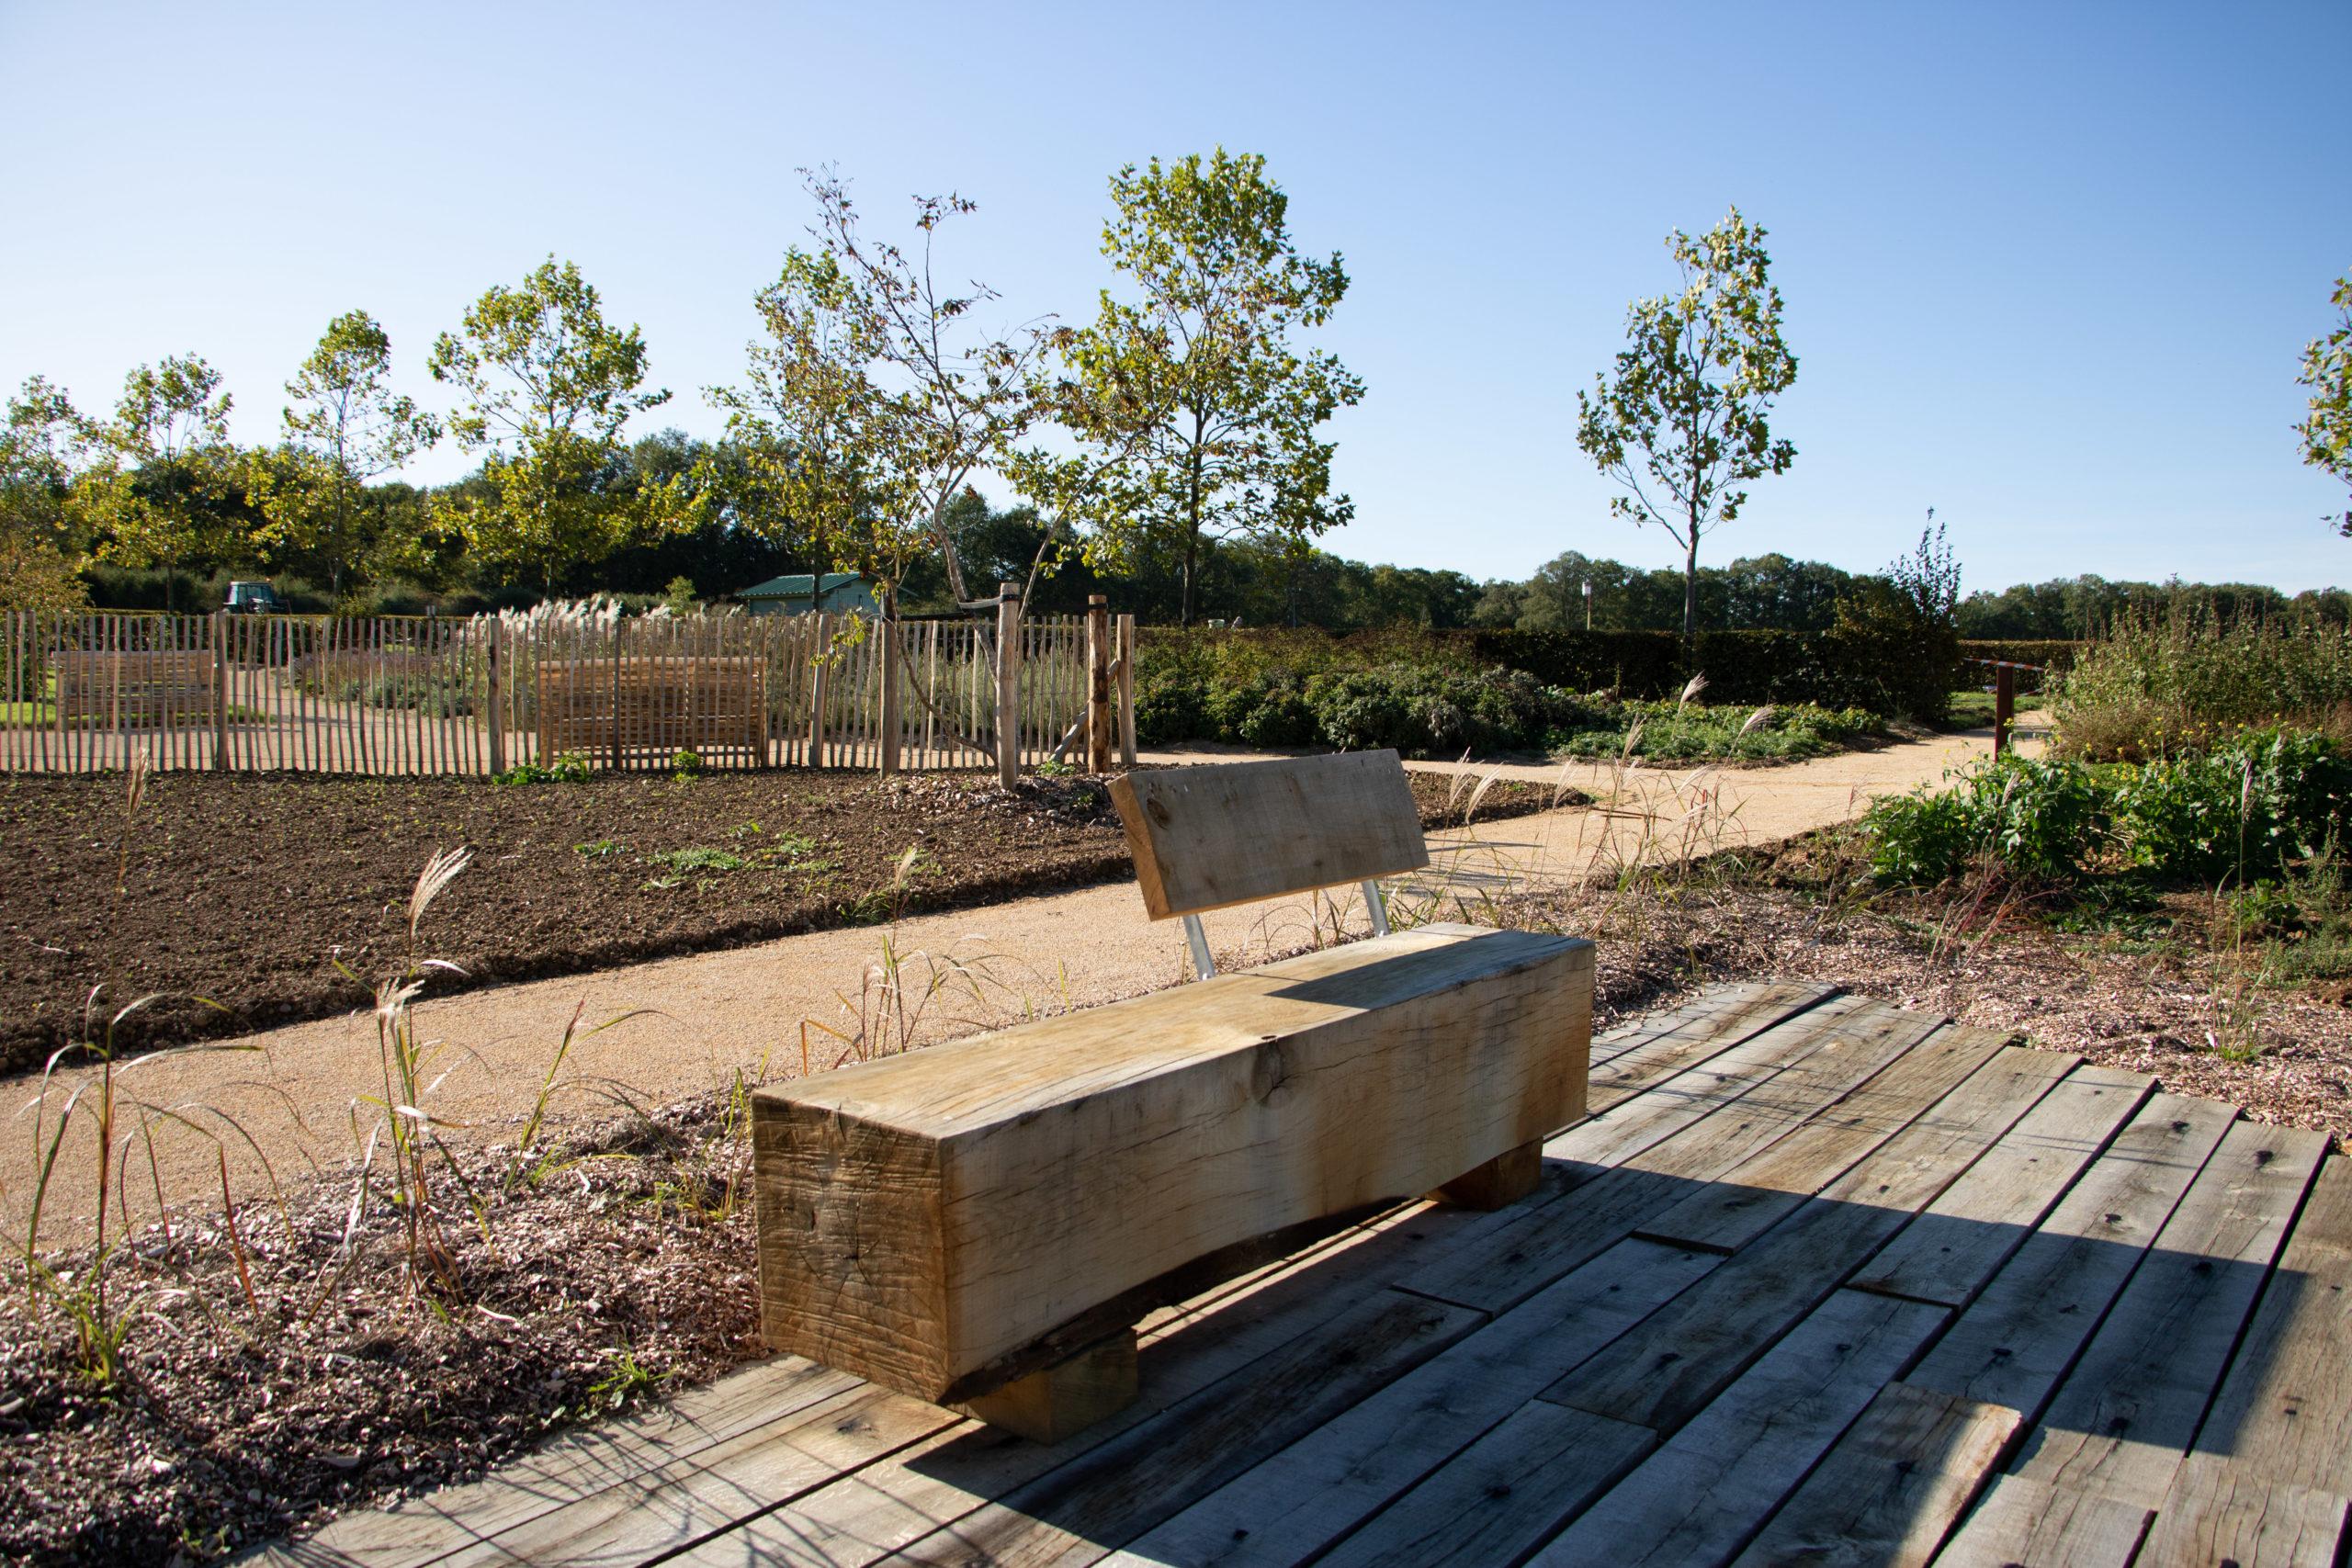 banc-jardin-botanique-idspace